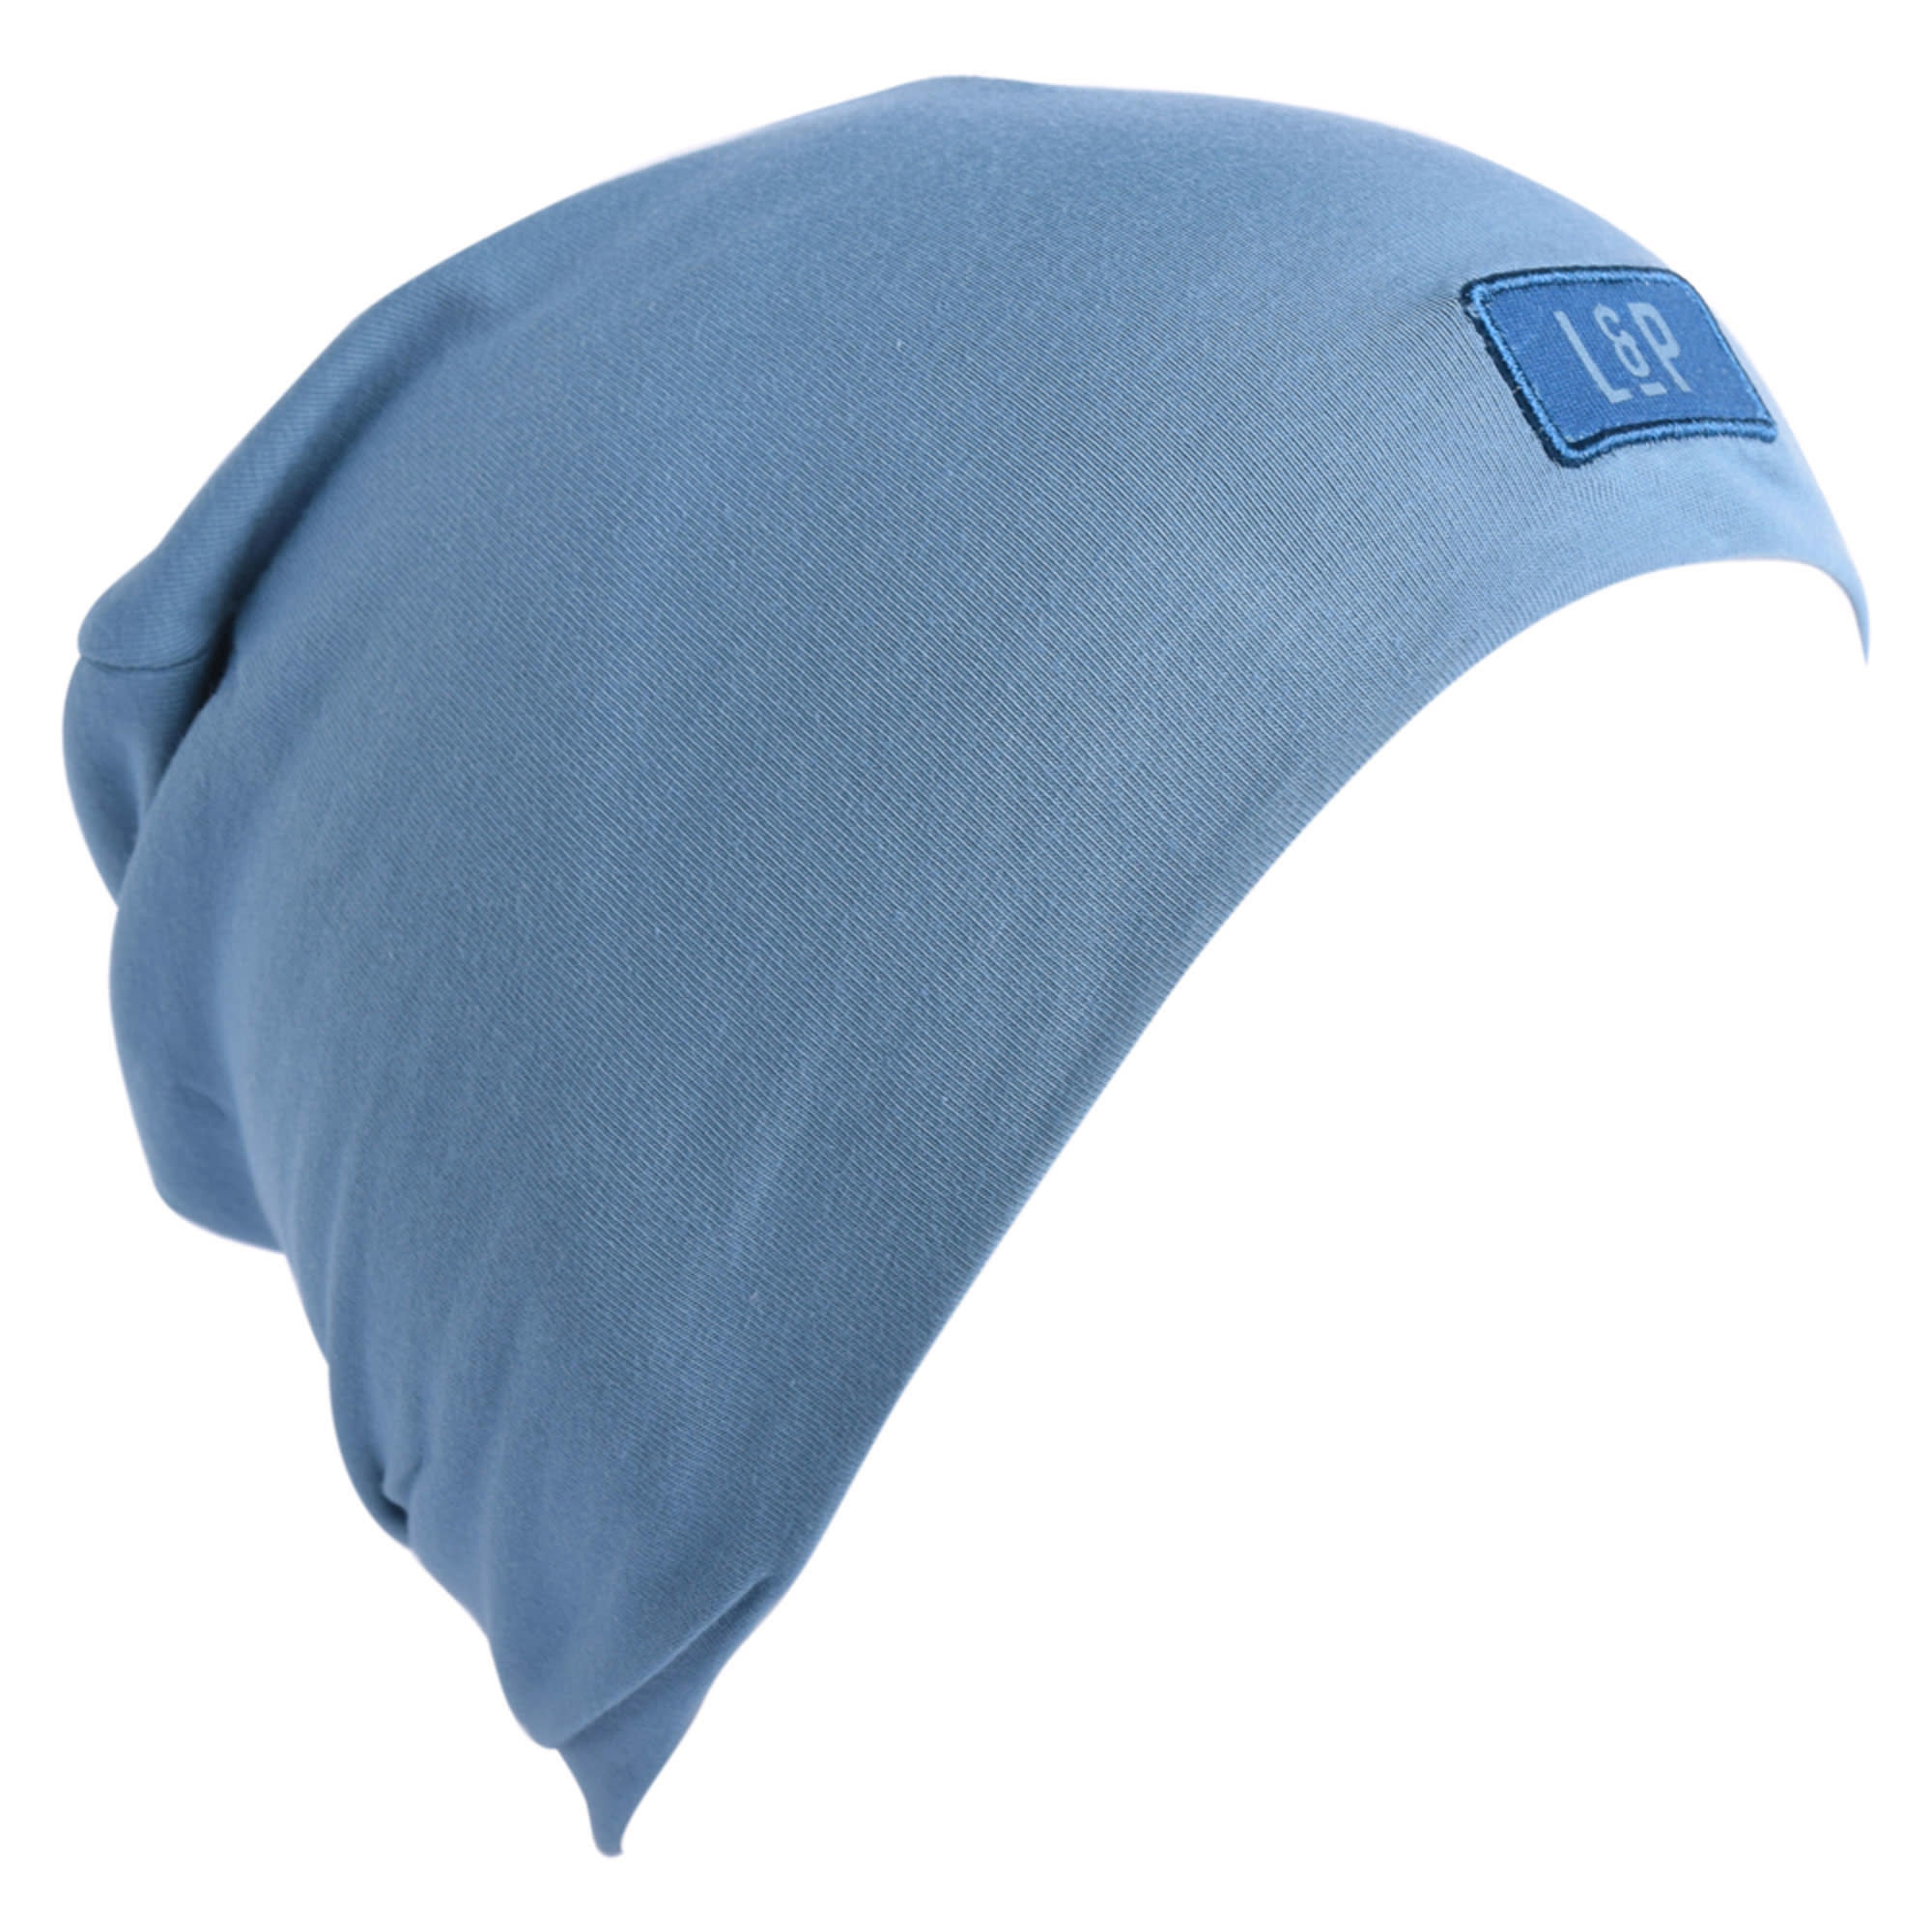 Tuque Coton - BOSTON V20 Bleu Mer-3